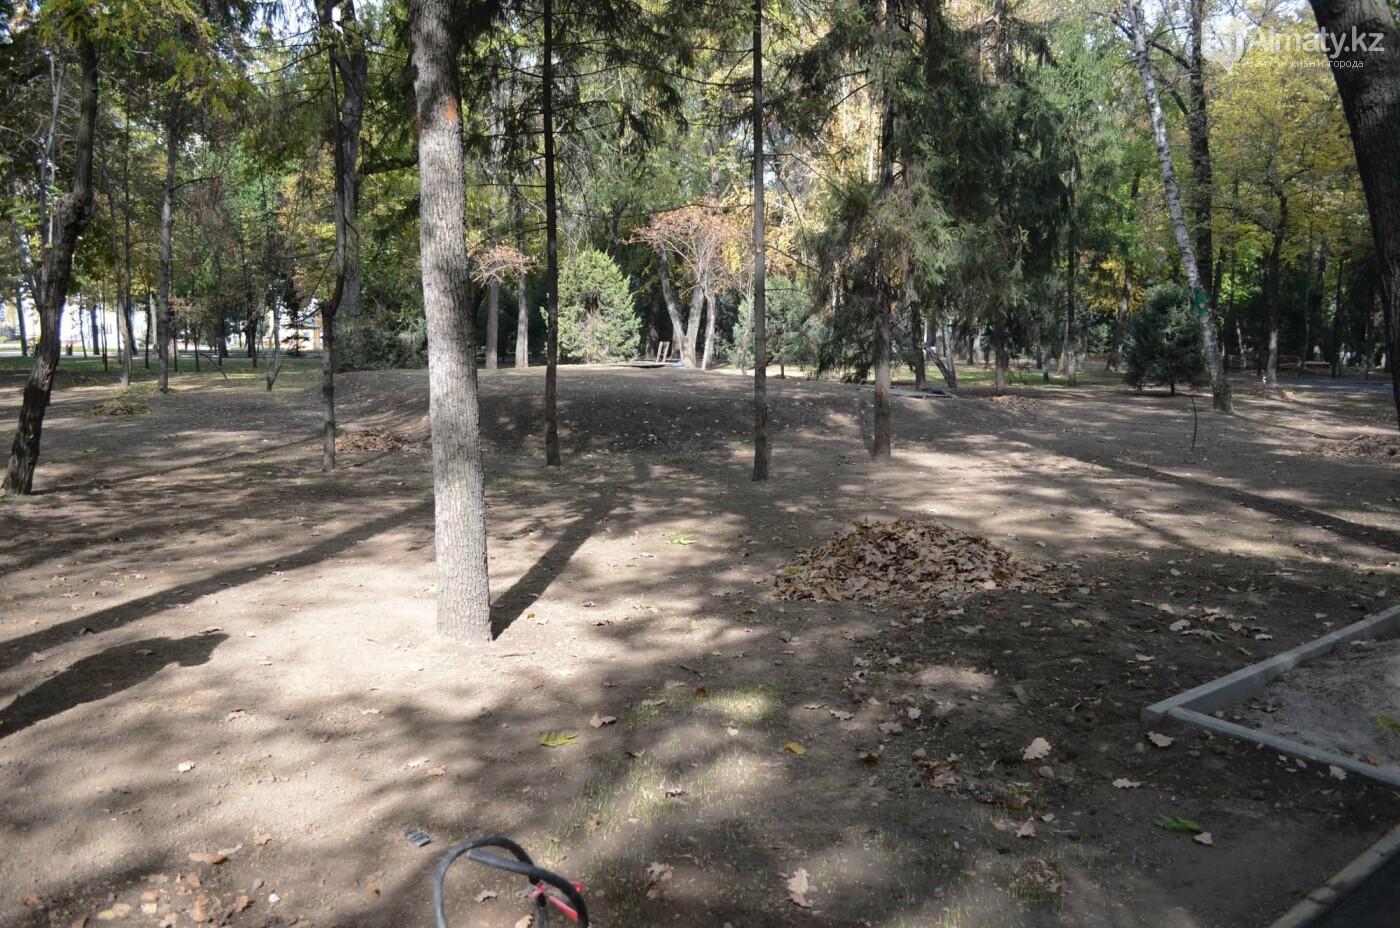 Как изменился парк 28 гвардейцев-панфиловцев в Алматы после реконструкции, фото-6